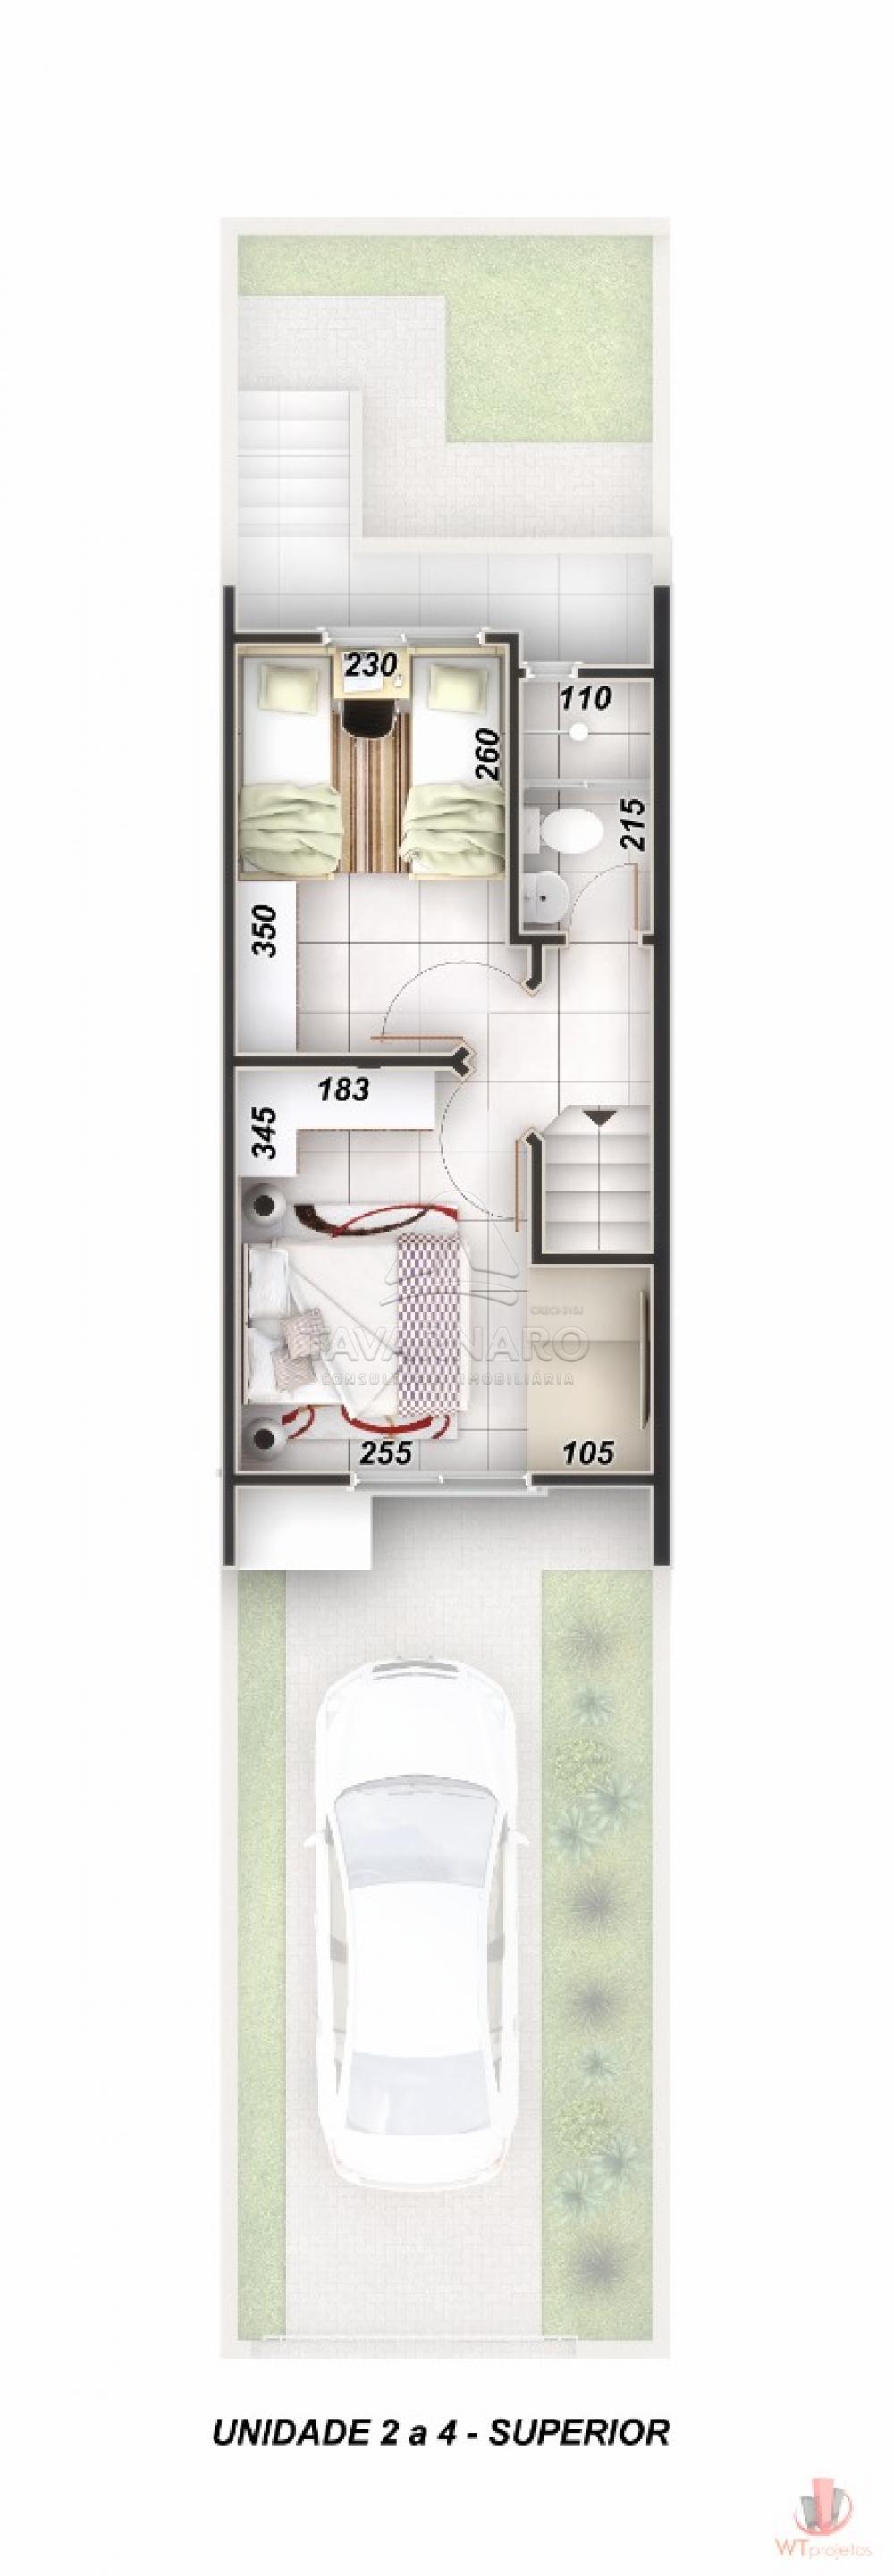 Comprar Casa / Condomínio em Ponta Grossa apenas R$ 170.000,00 - Foto 1